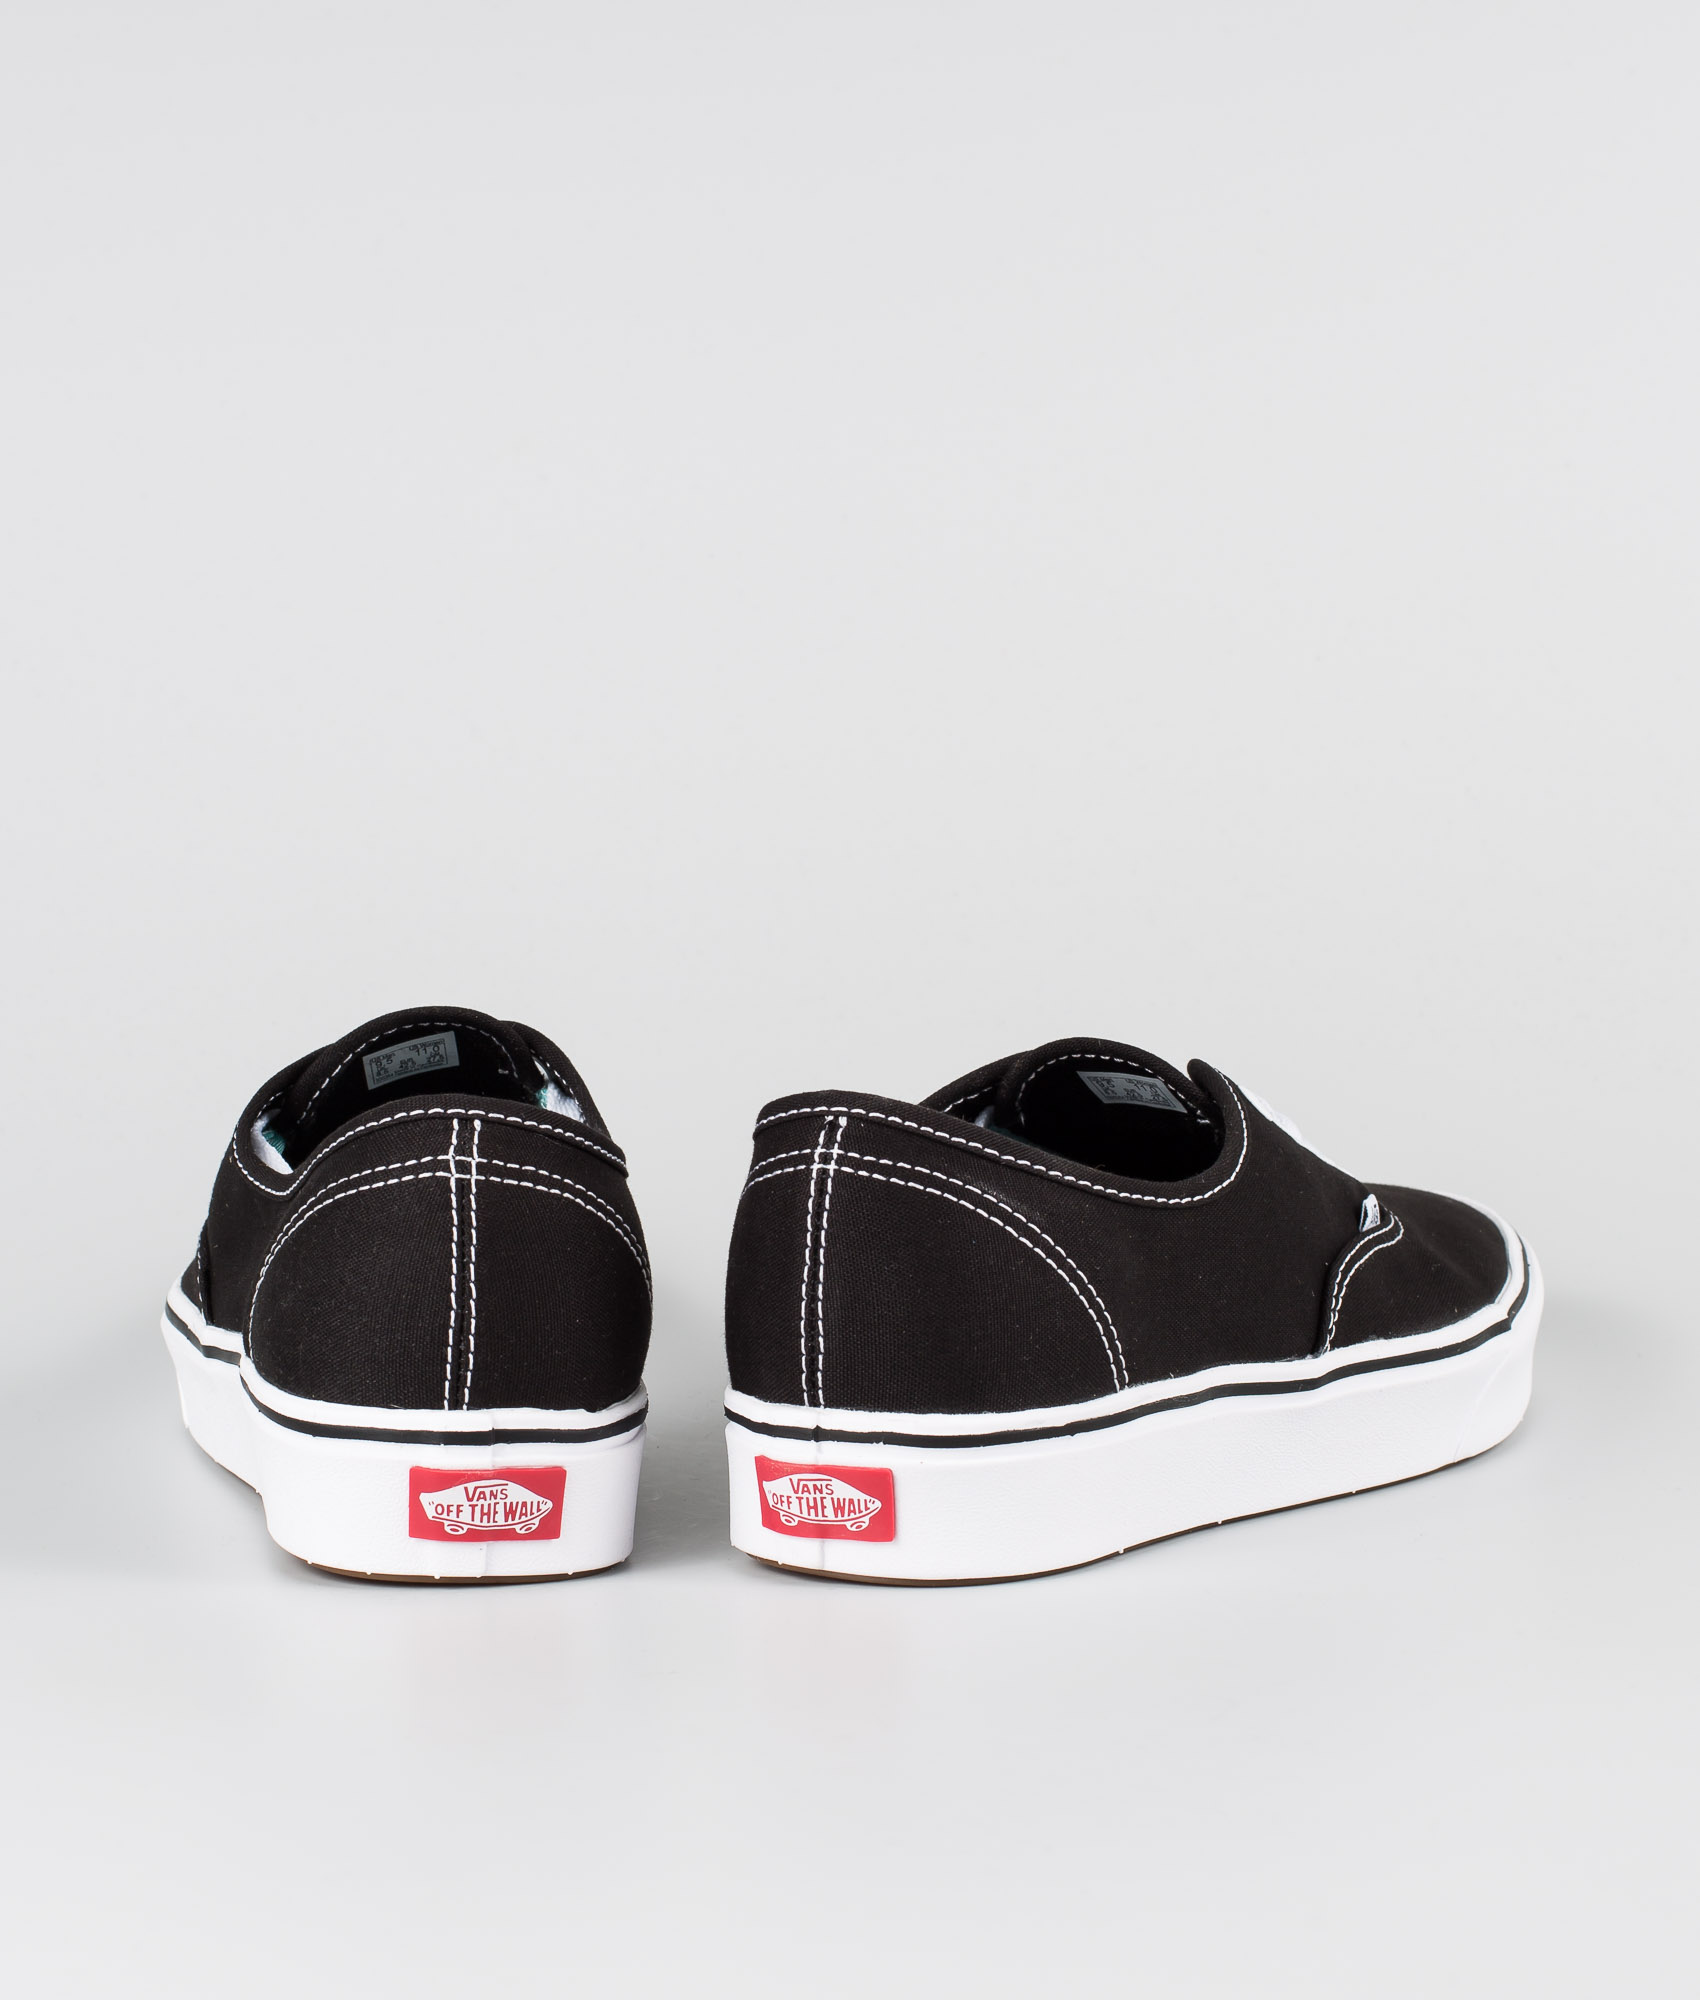 Vans ComfyCush Authentic Chaussures (Classic) BlackTrue White